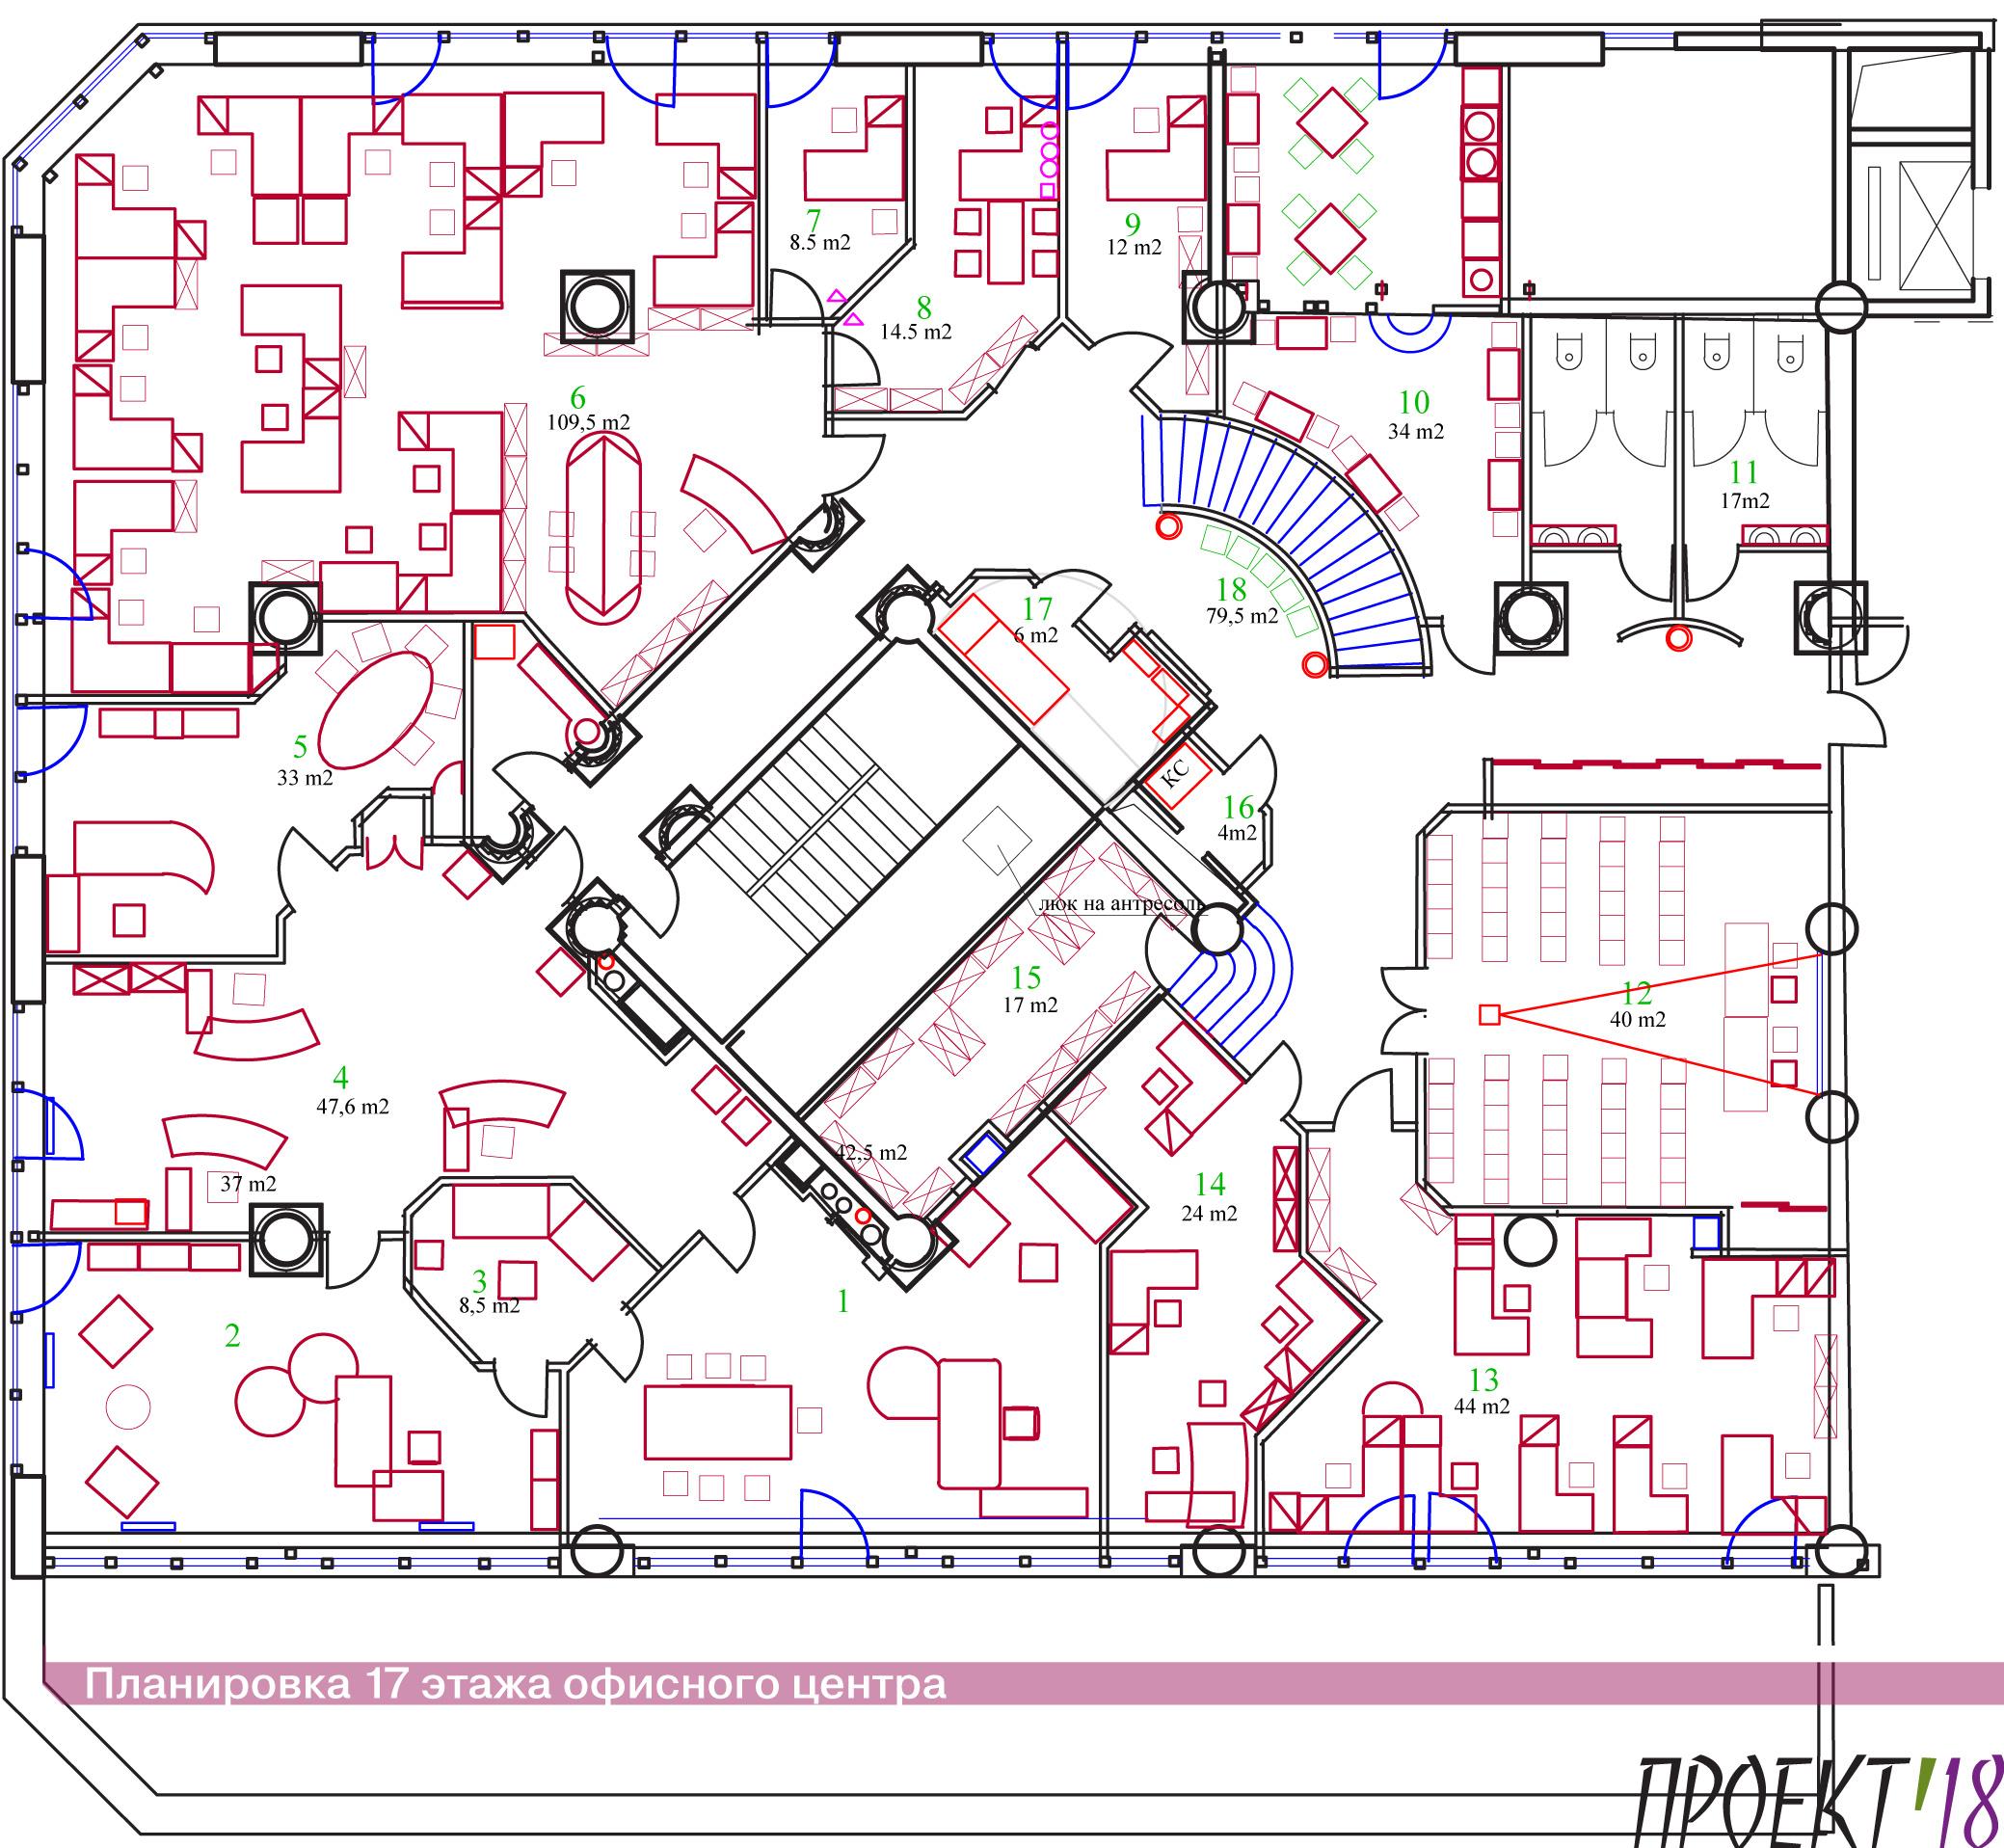 Дизайн офиса на фрунзенской